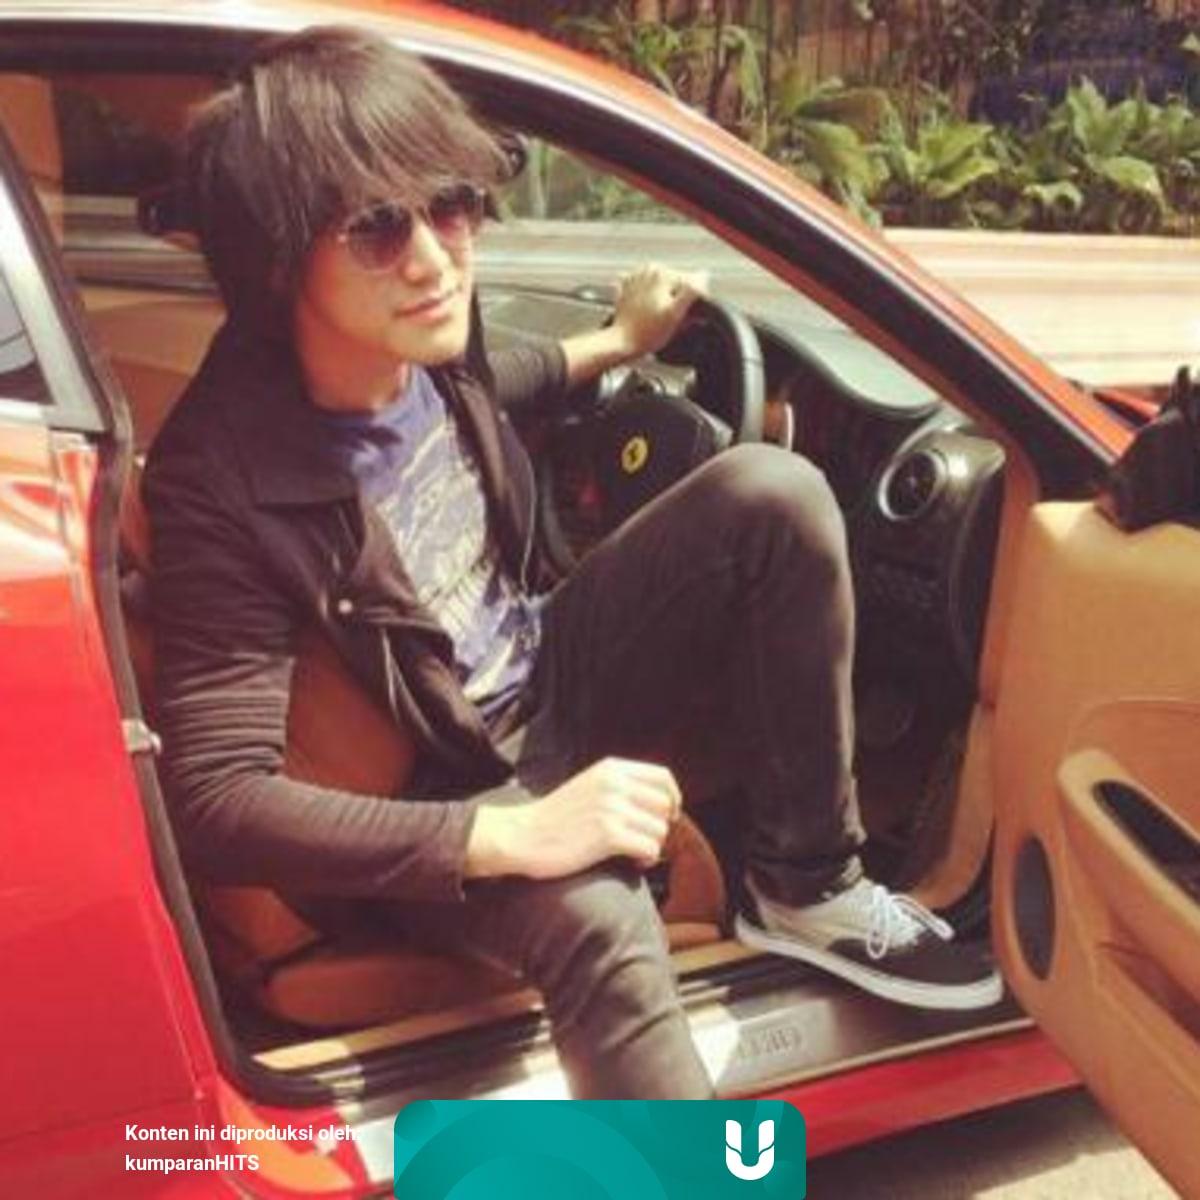 Menengok Mobil Mobil Mewah Dan Keren Para Artis Indonesia Kumparan Com